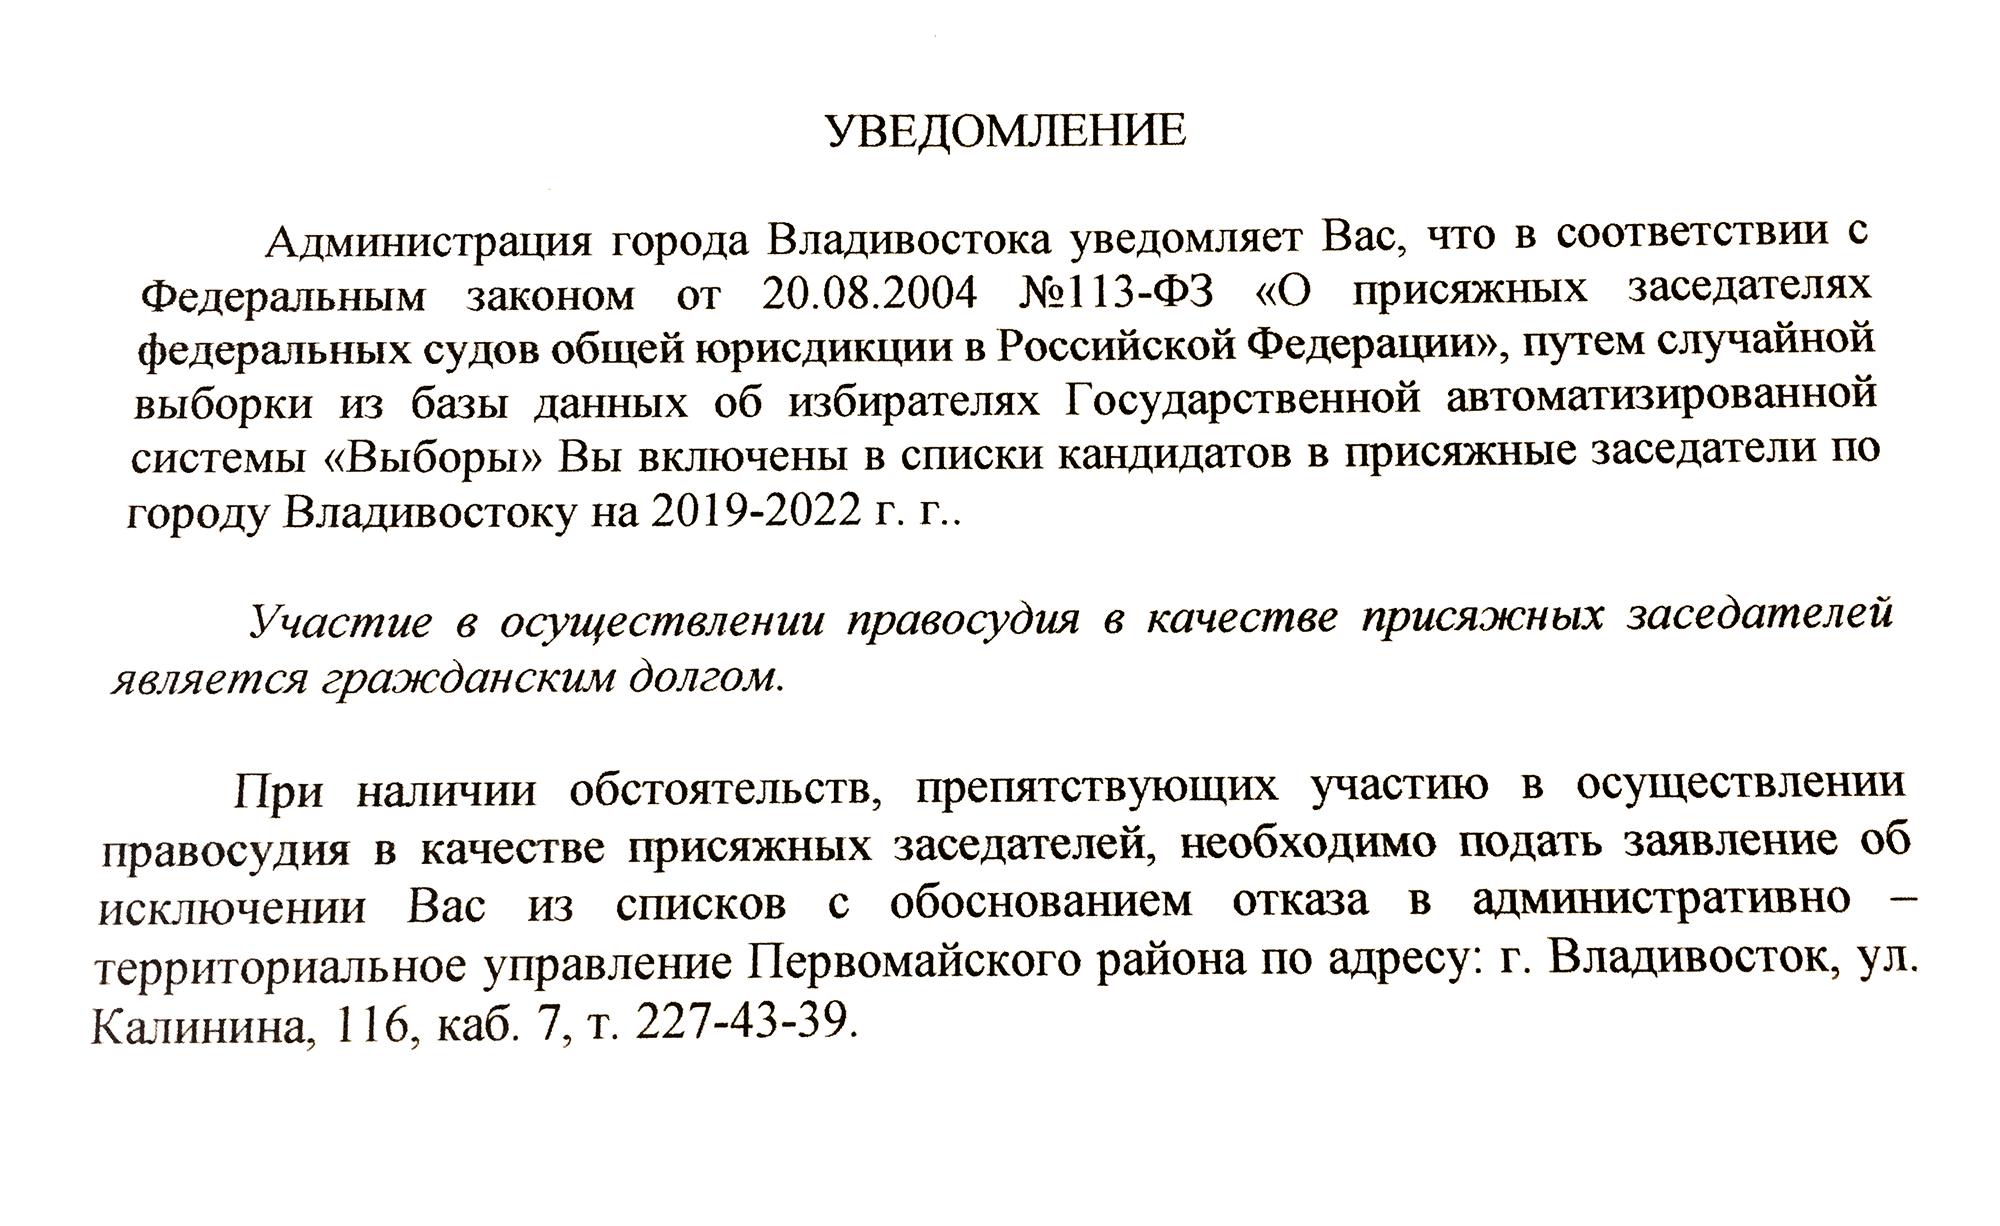 В разных субъектах РФ уведомления могут отличаться — единого образца нет, но содержание идентично